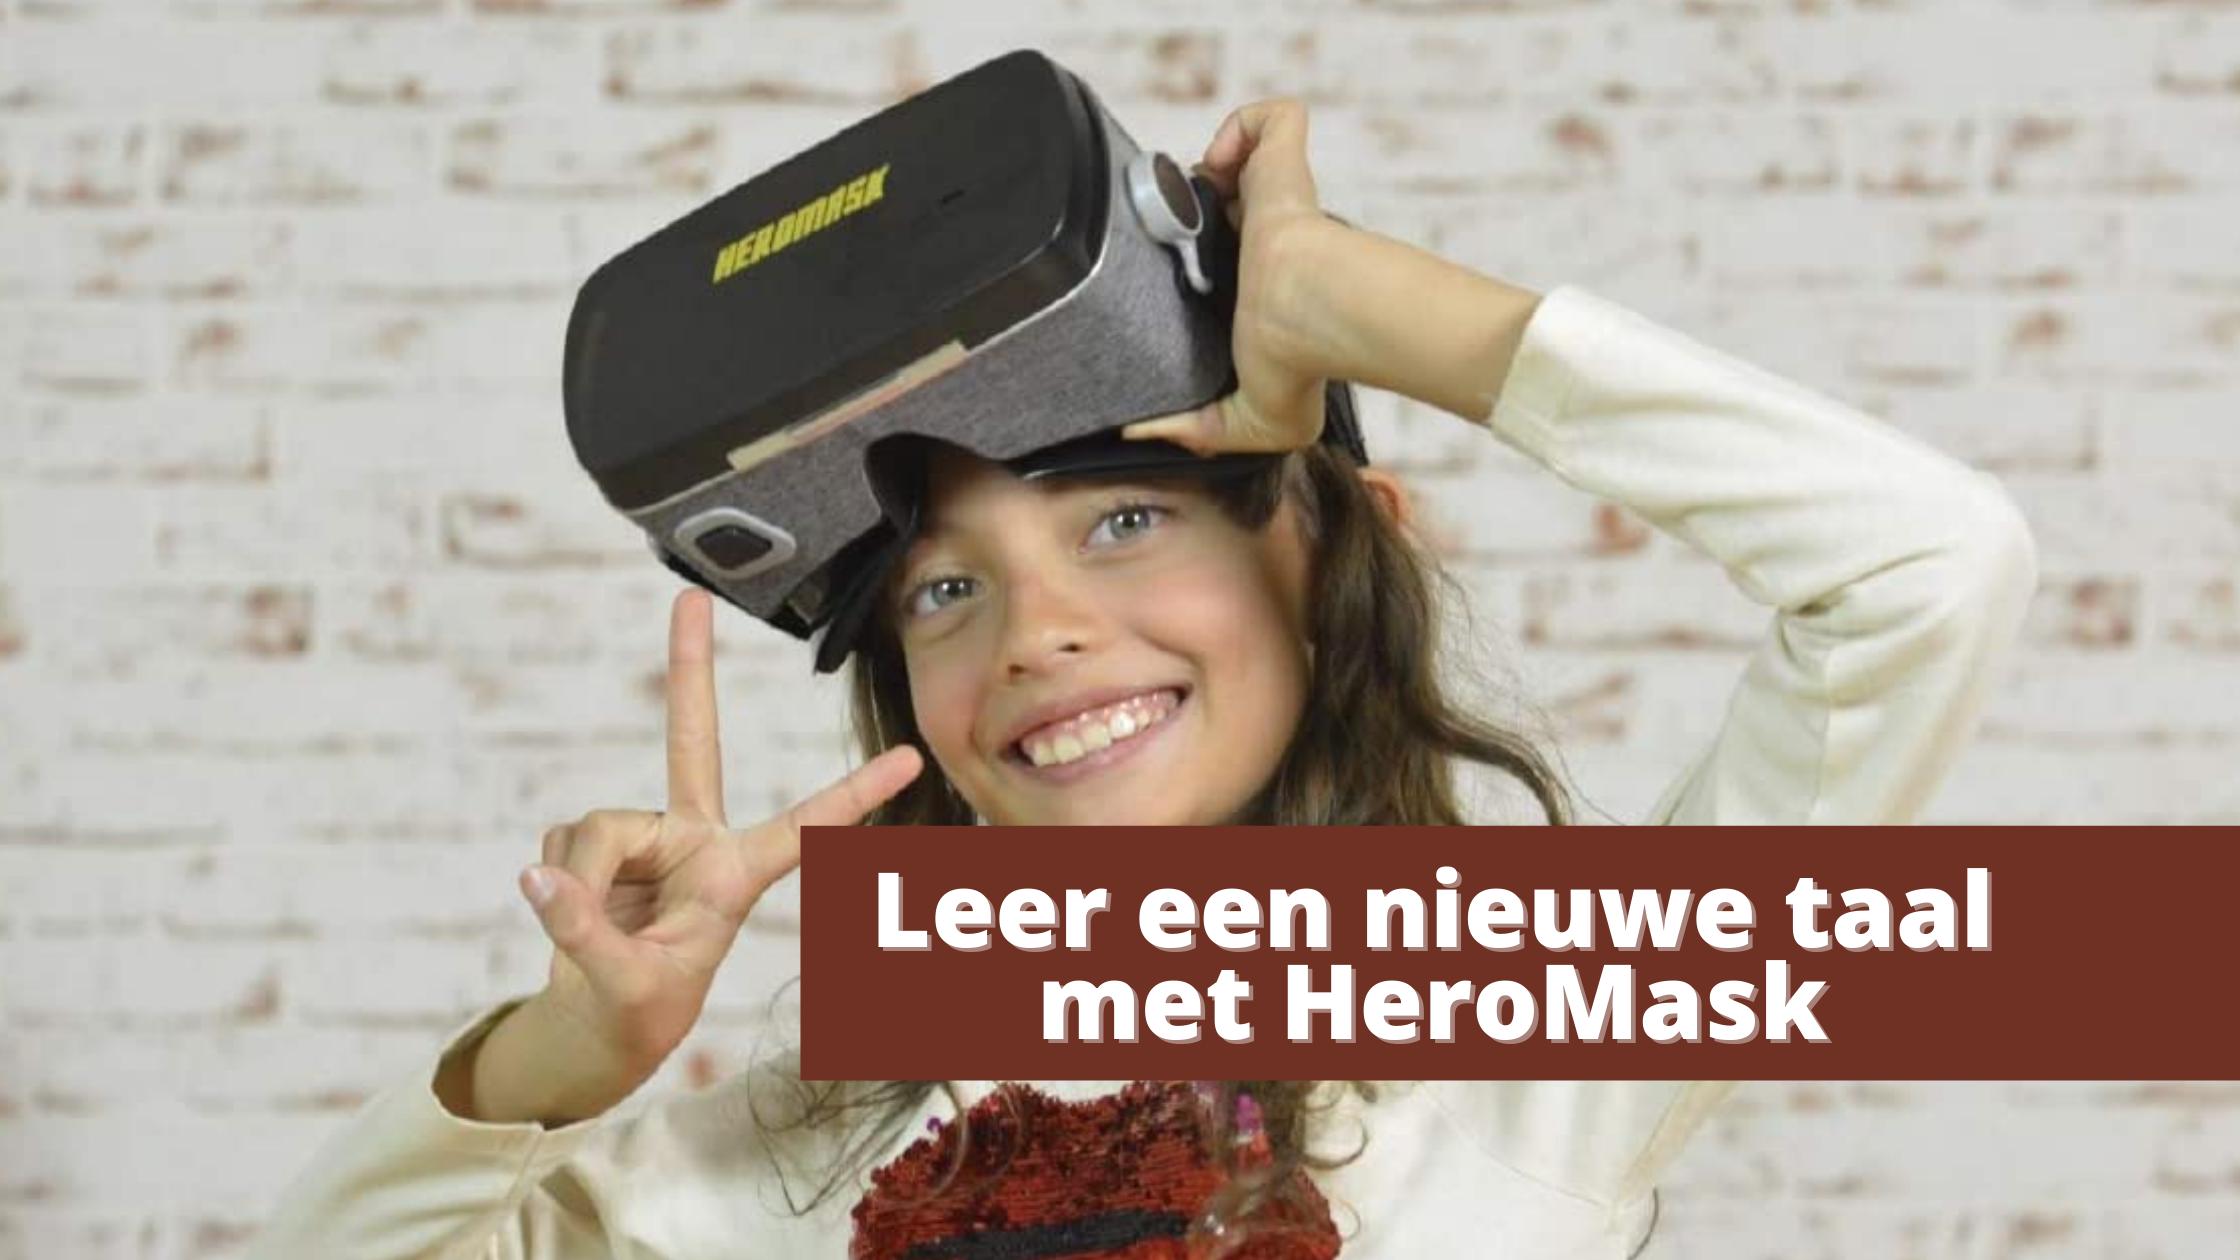 Leer een nieuwe taal met HeroMask